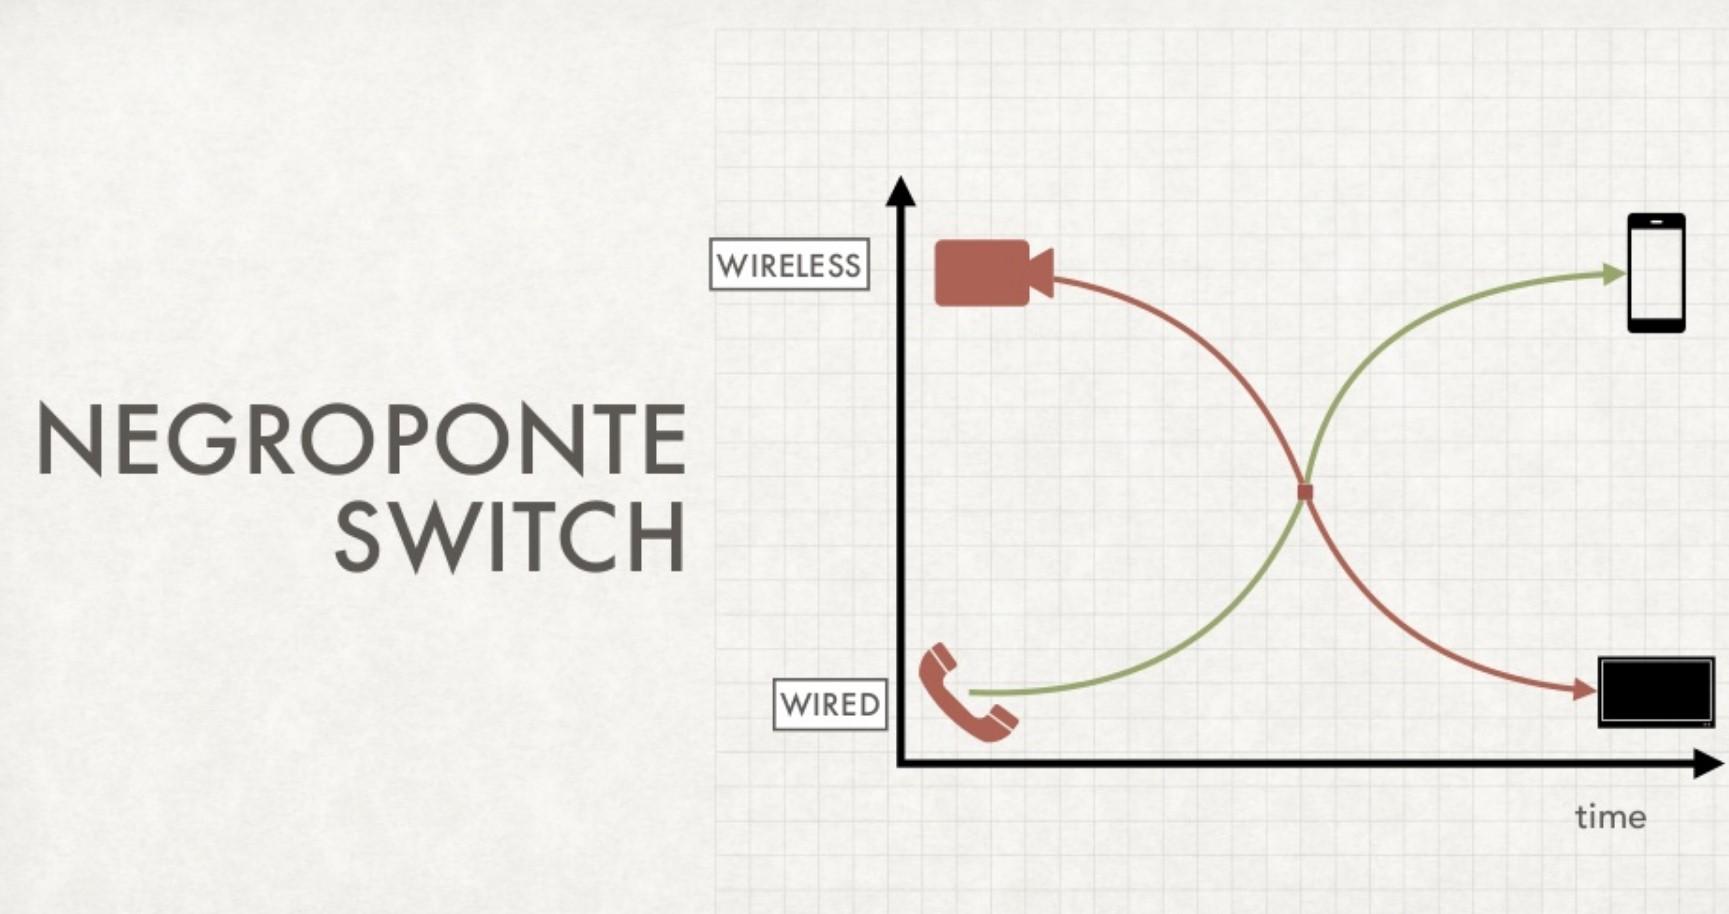 negroponte switch - DTT. Mentre si discute di prorogare lo switch-off del 2021 il WRC ipotizza nuovo refarming della banda televisiva dal 2023. Negroponte dixit